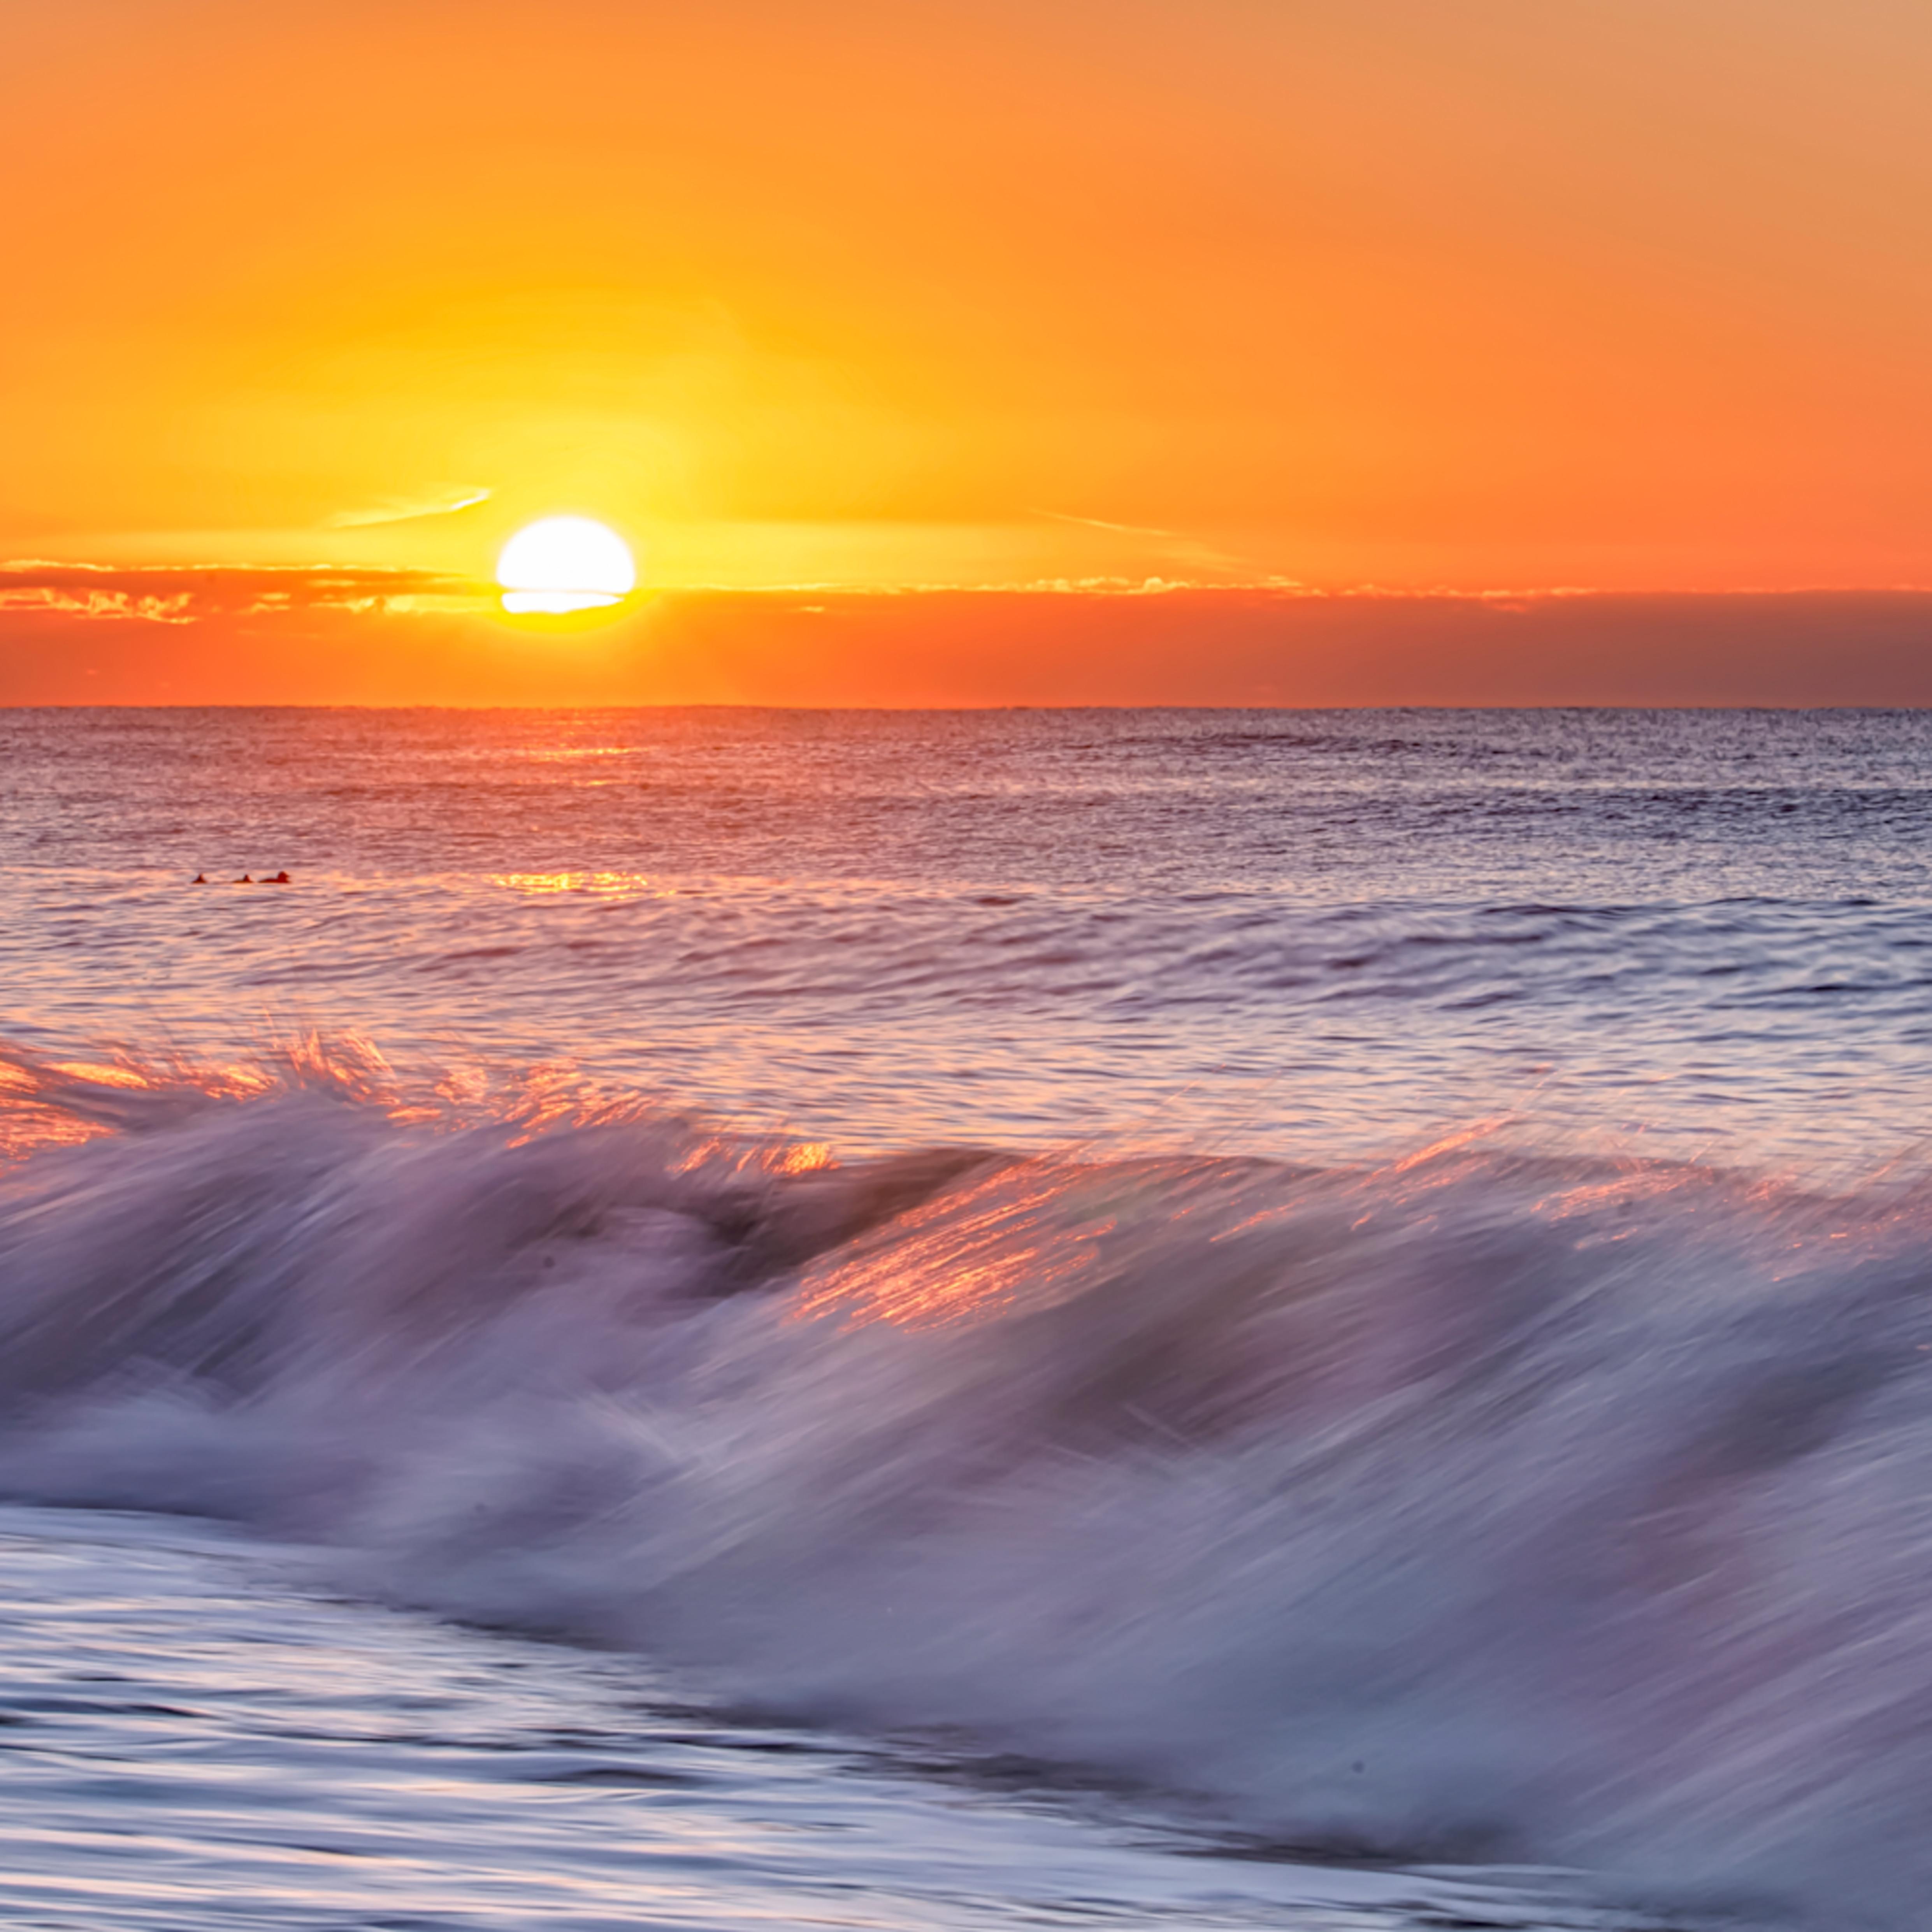 South beach first light 2021 1 odsyqr